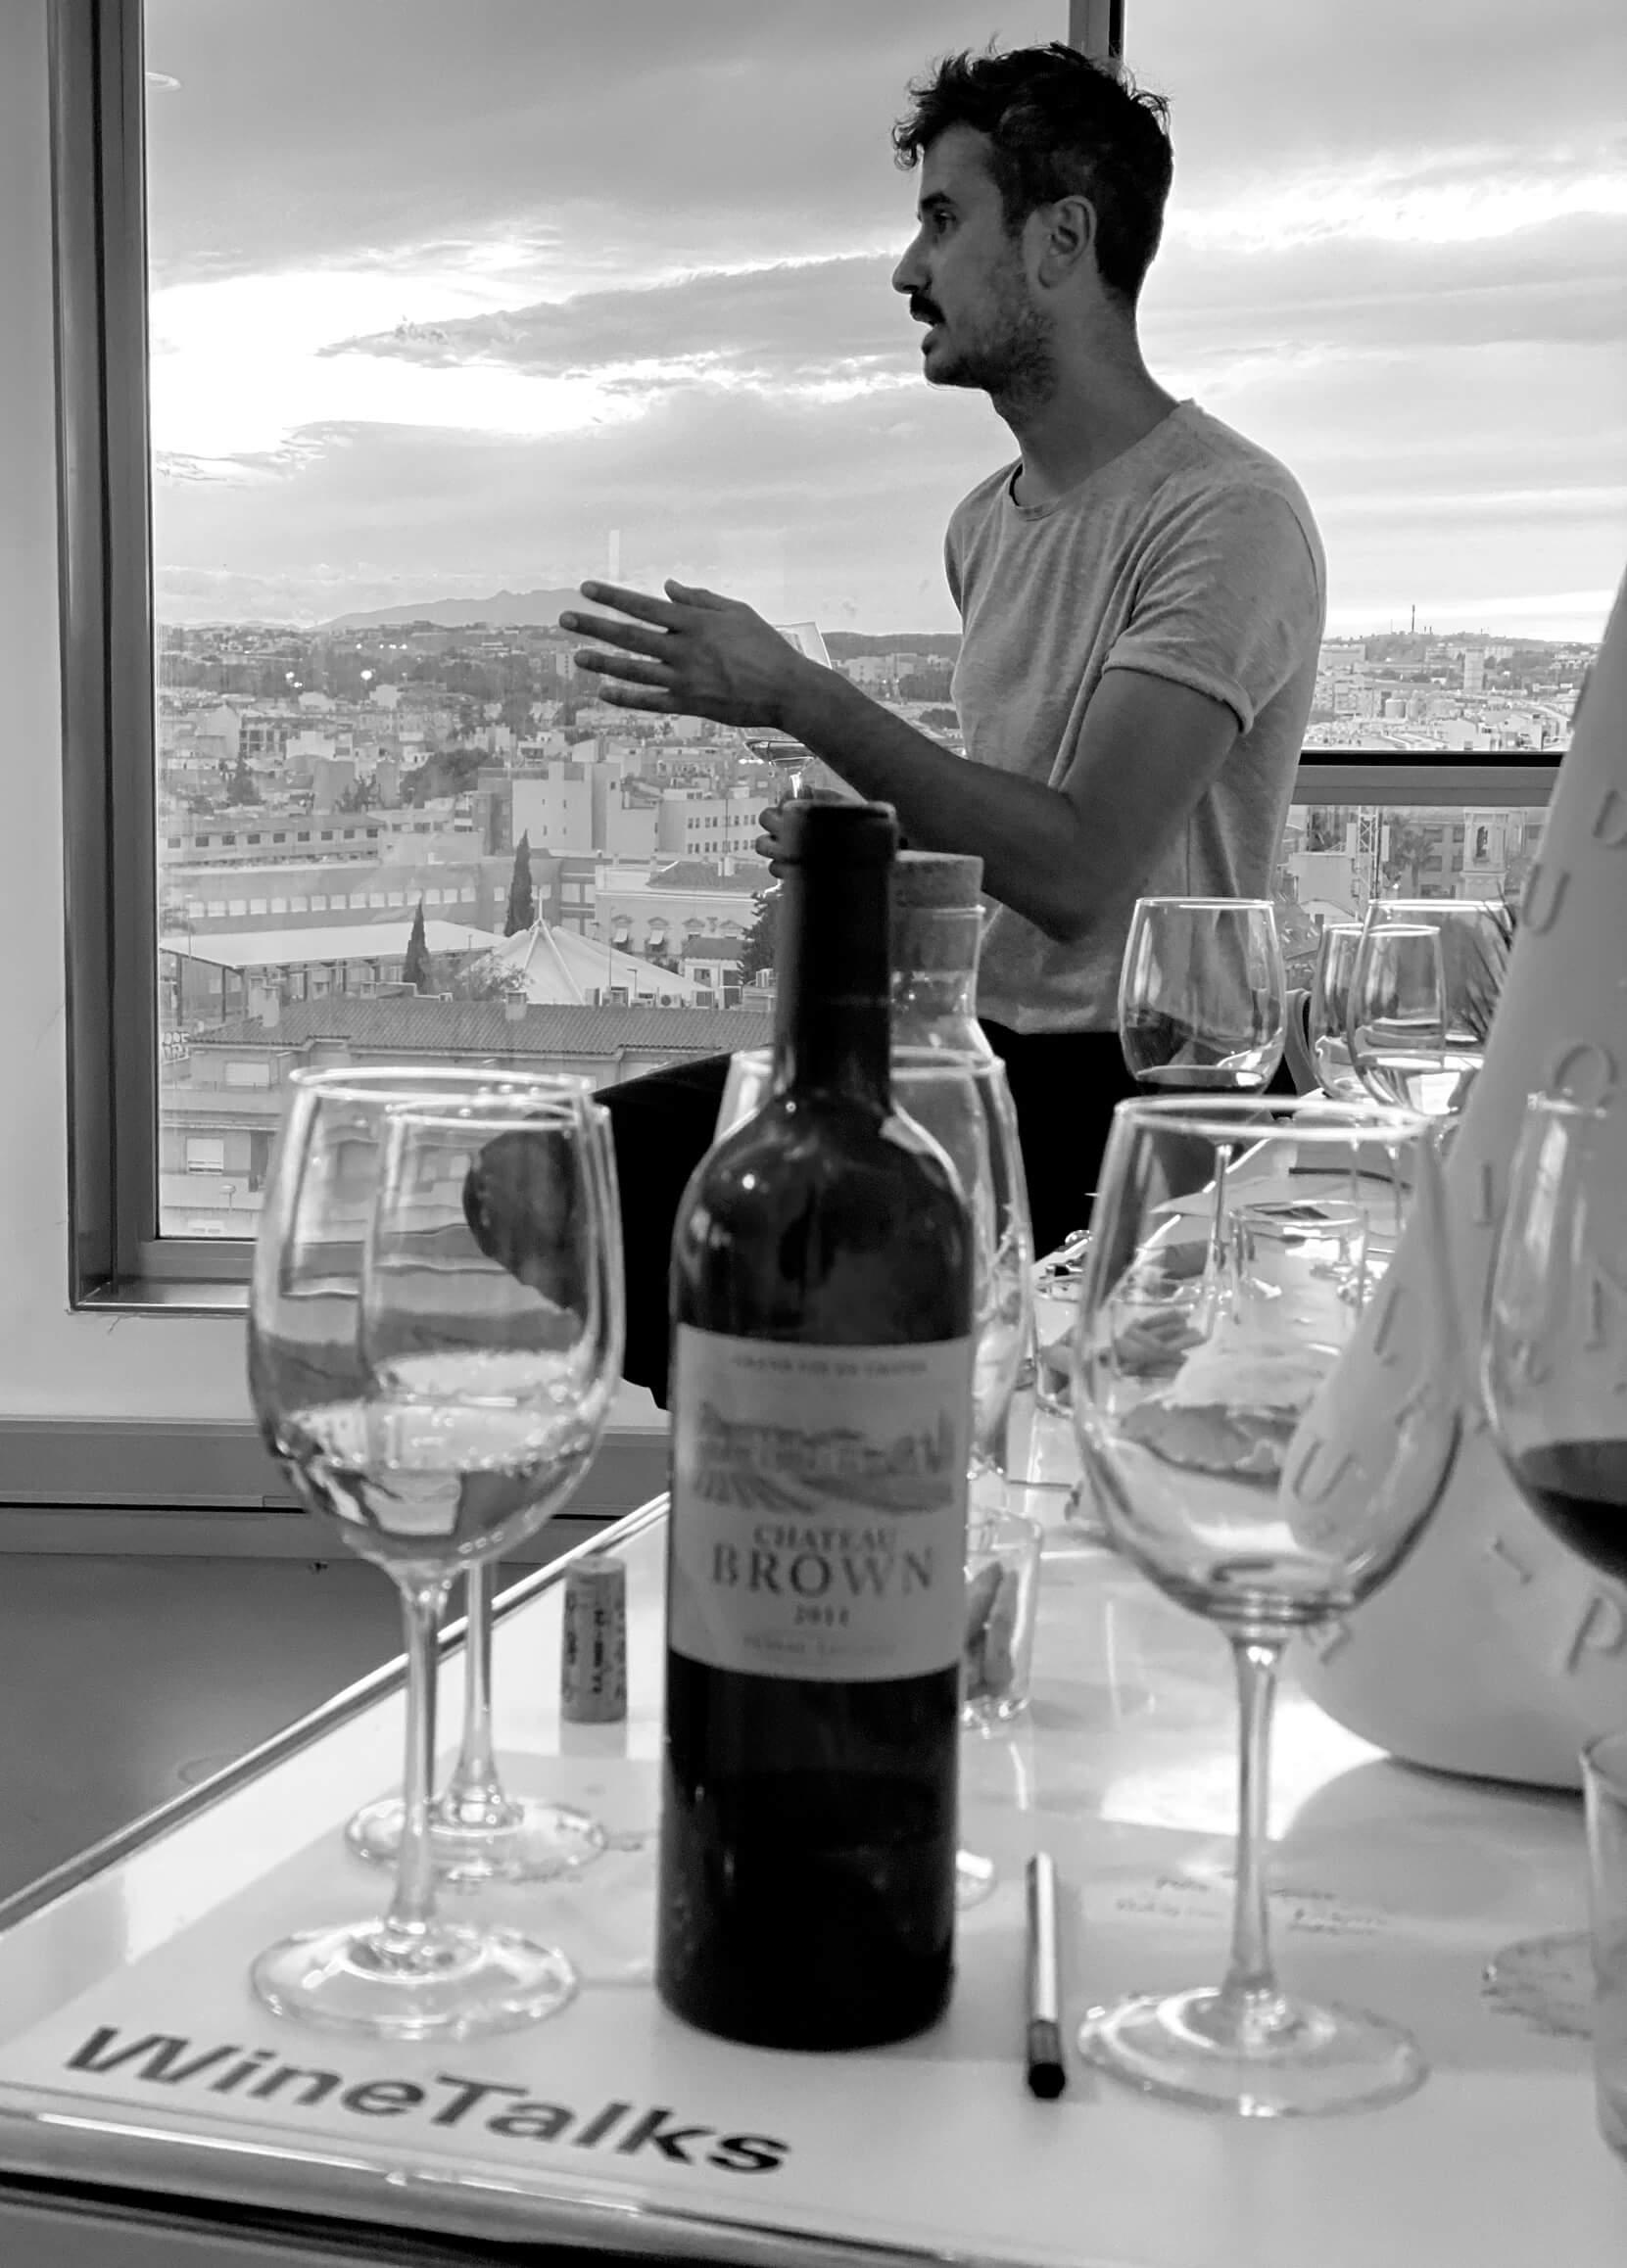 WineTalks 01 28